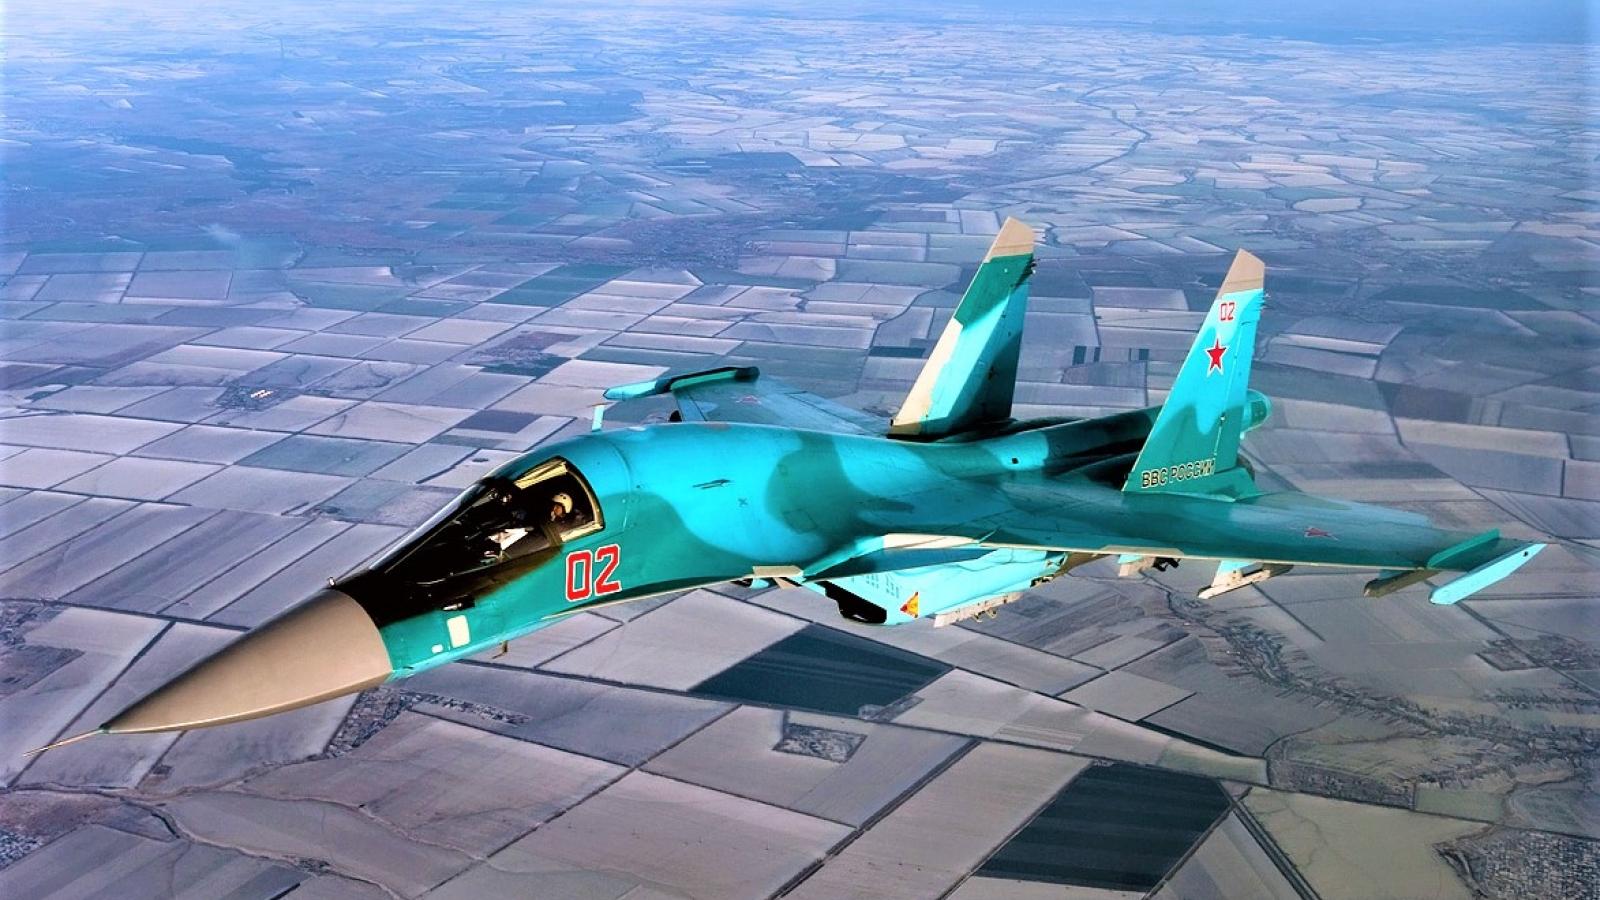 Nga sẽ sử dụng vũ khí hạt nhân chiến thuật như thế nào một khi chiến tranh nổ ra?